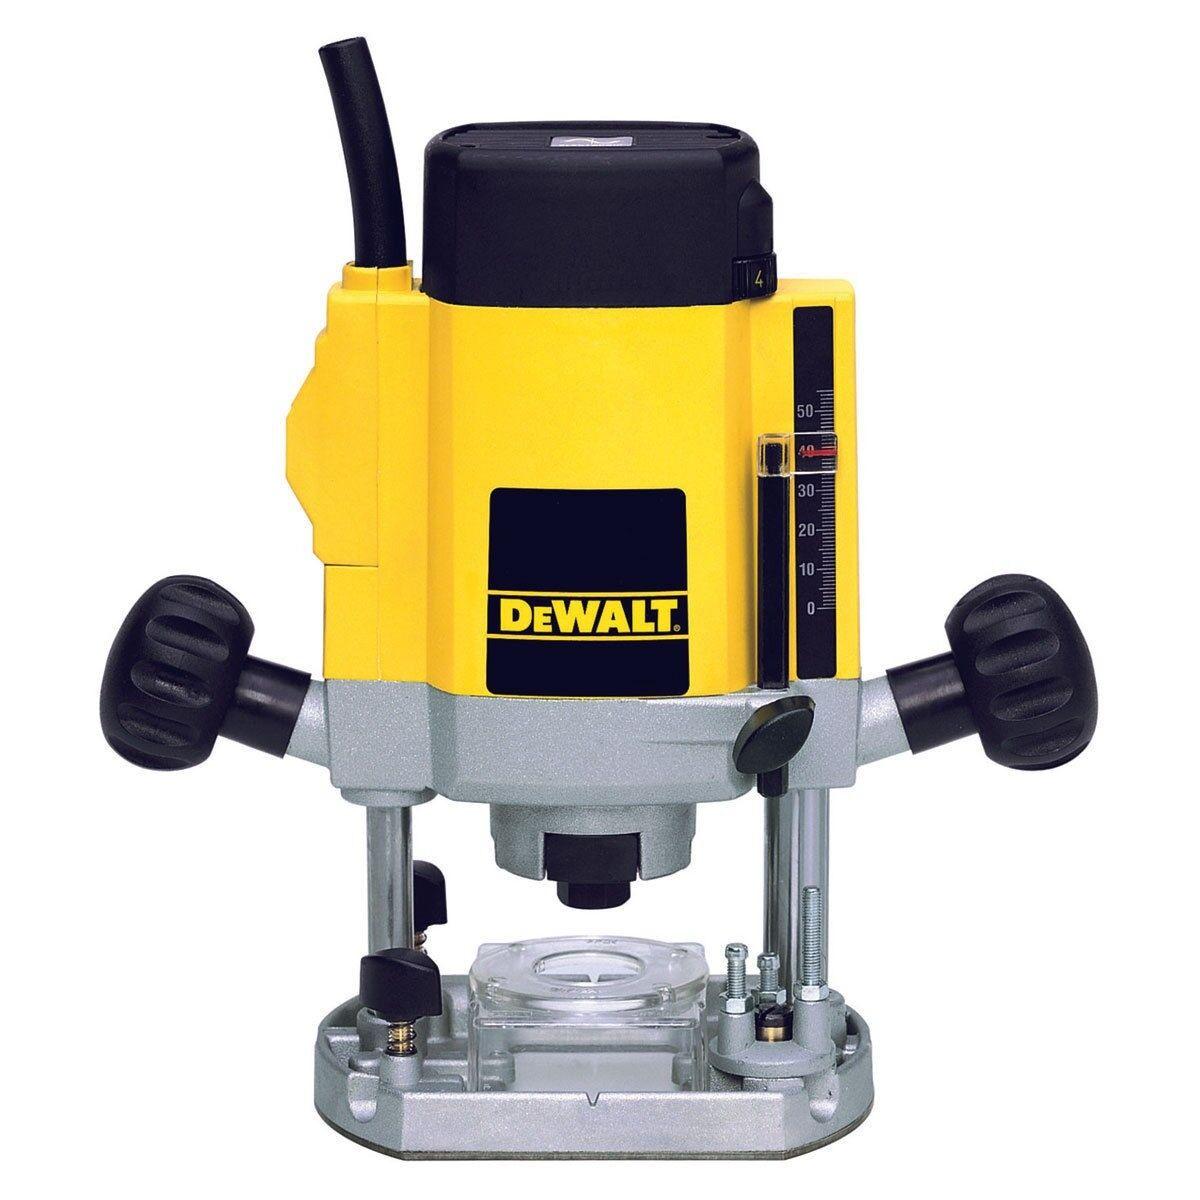 DeWALT Oberfräse DW615 elektrisch, 900 Watt